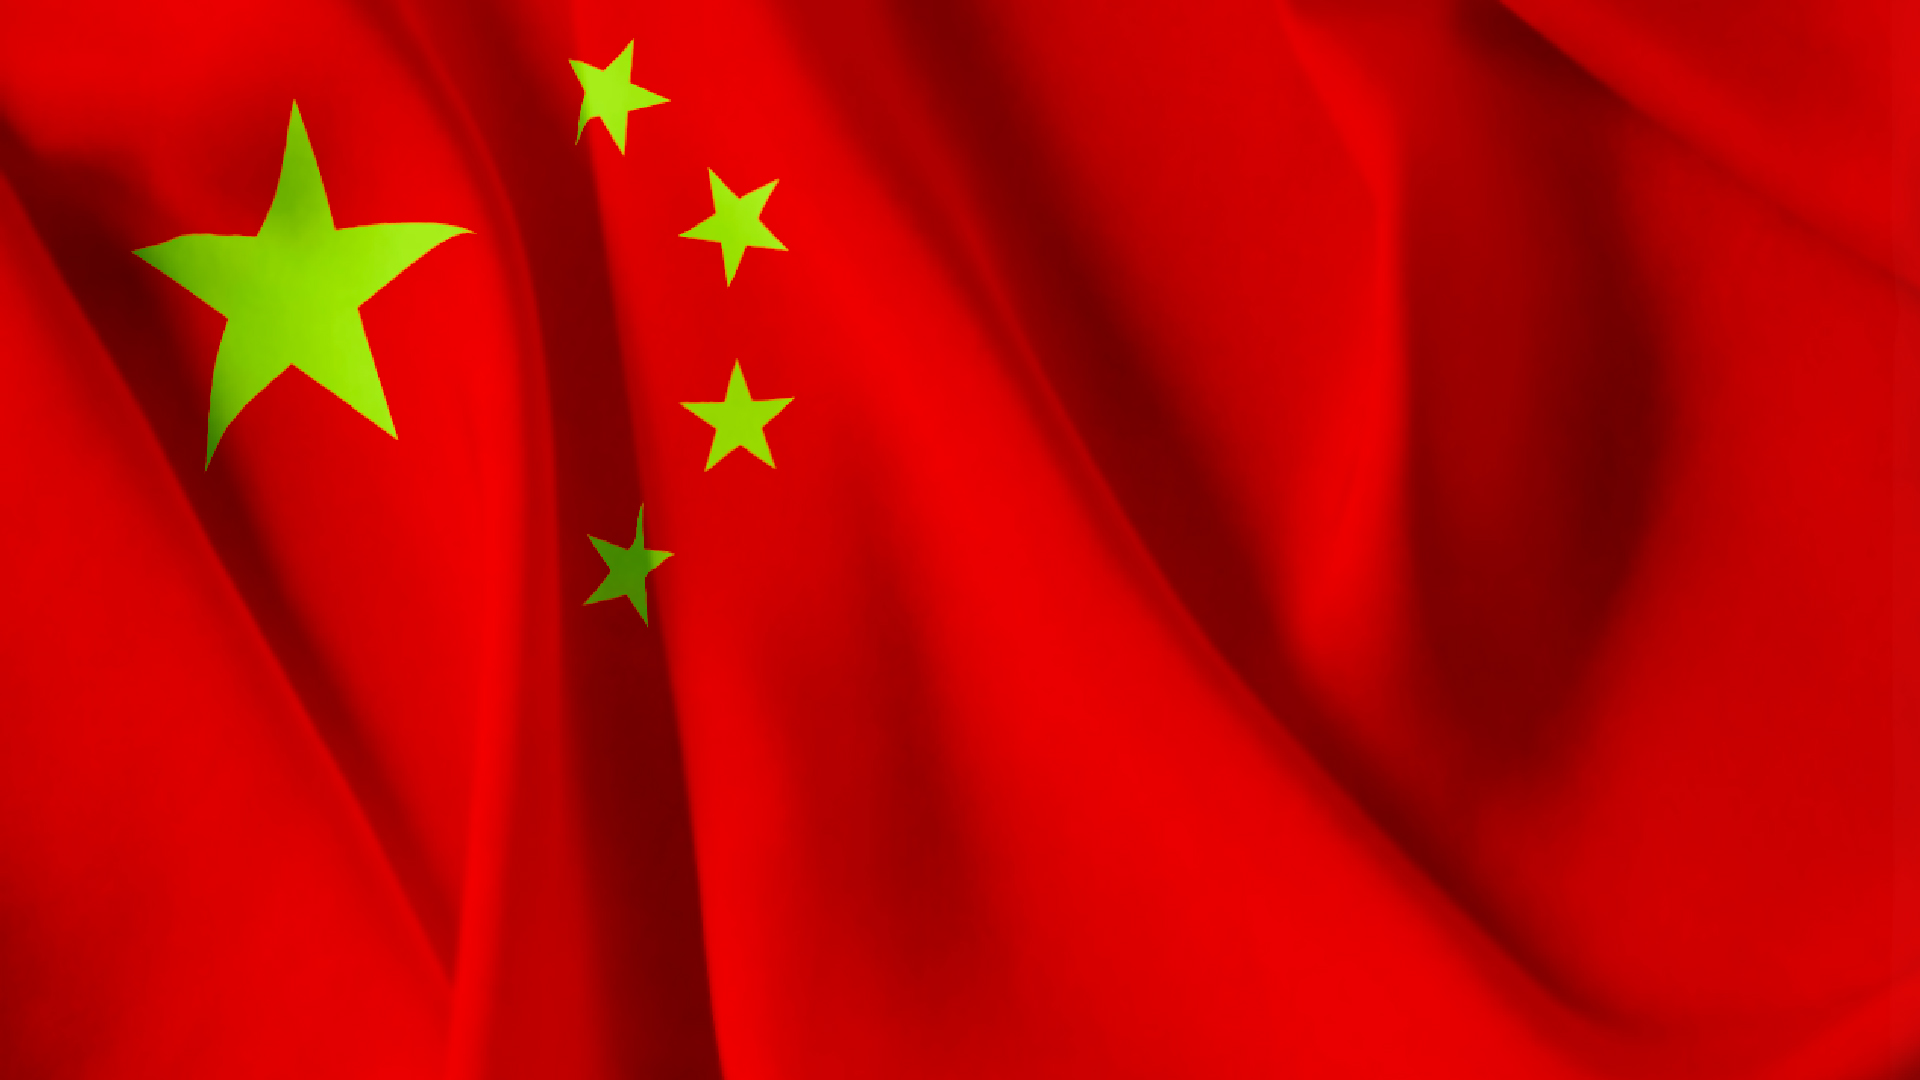 全国的国旗_中国の国旗の画像 - ジーソザイ